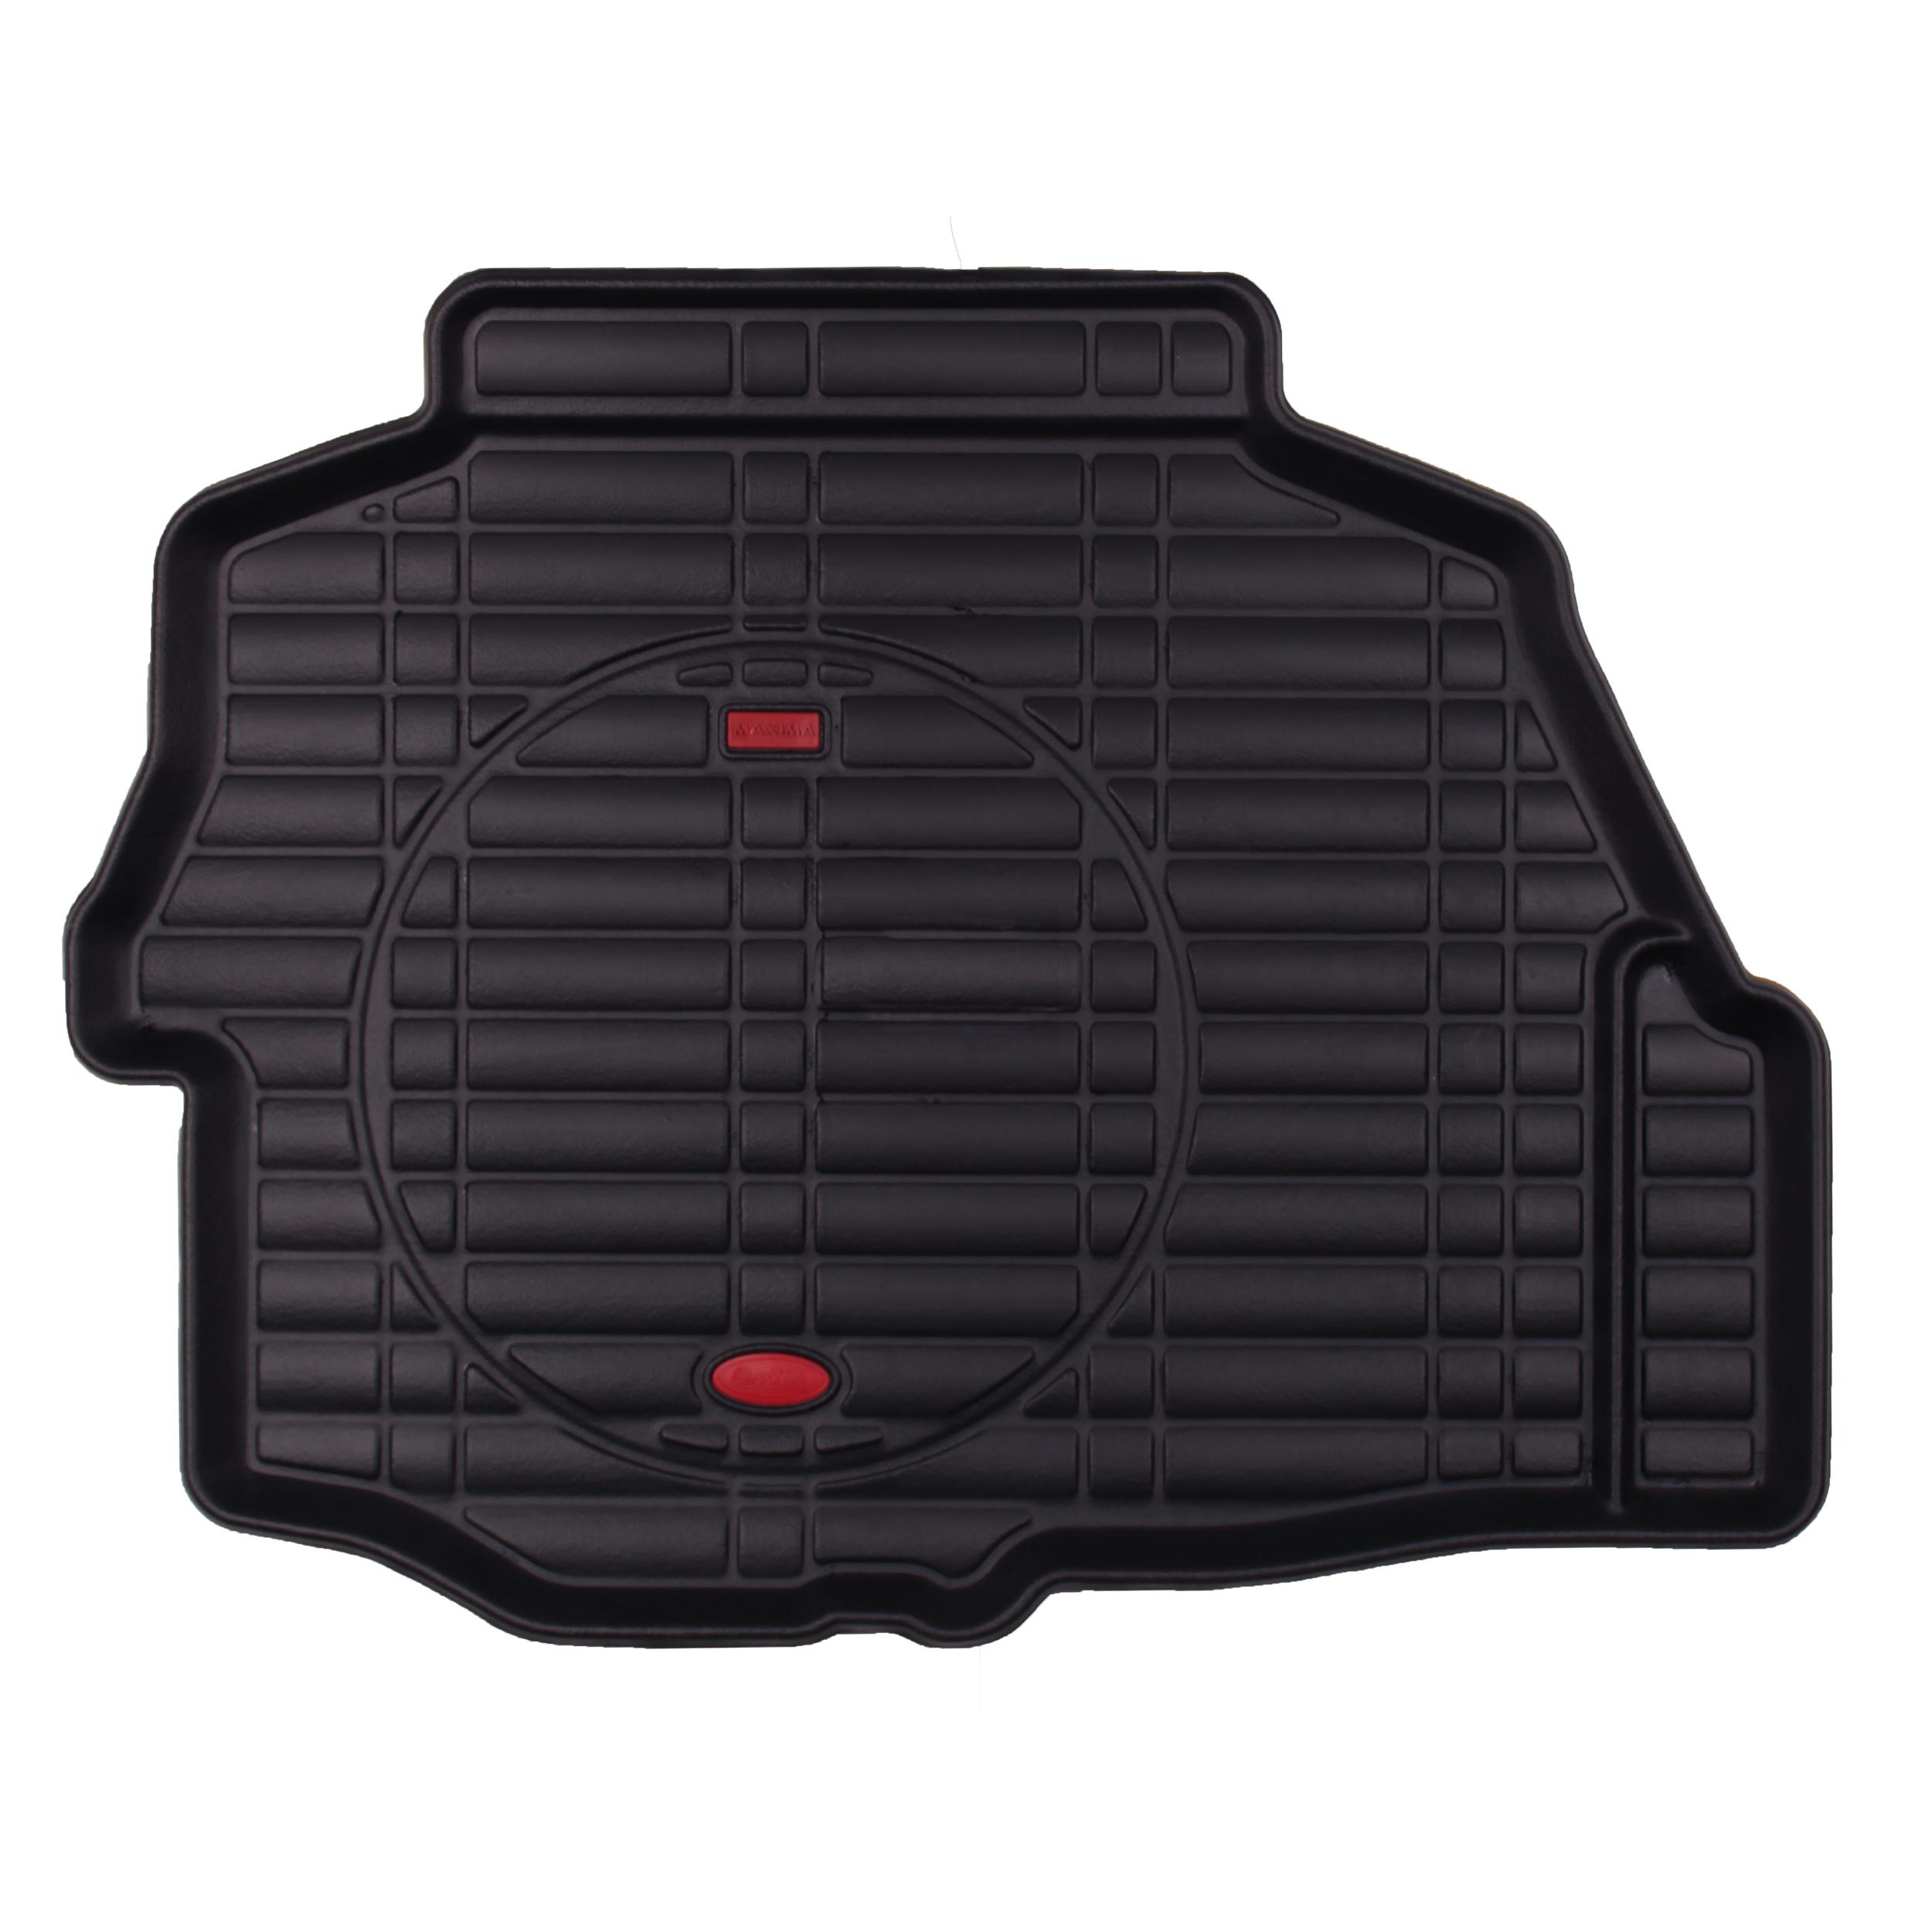 کفپوش سه بعدی صندوق خودرو بابل مدل ch153 مناسب برای نیسان ماکسیما